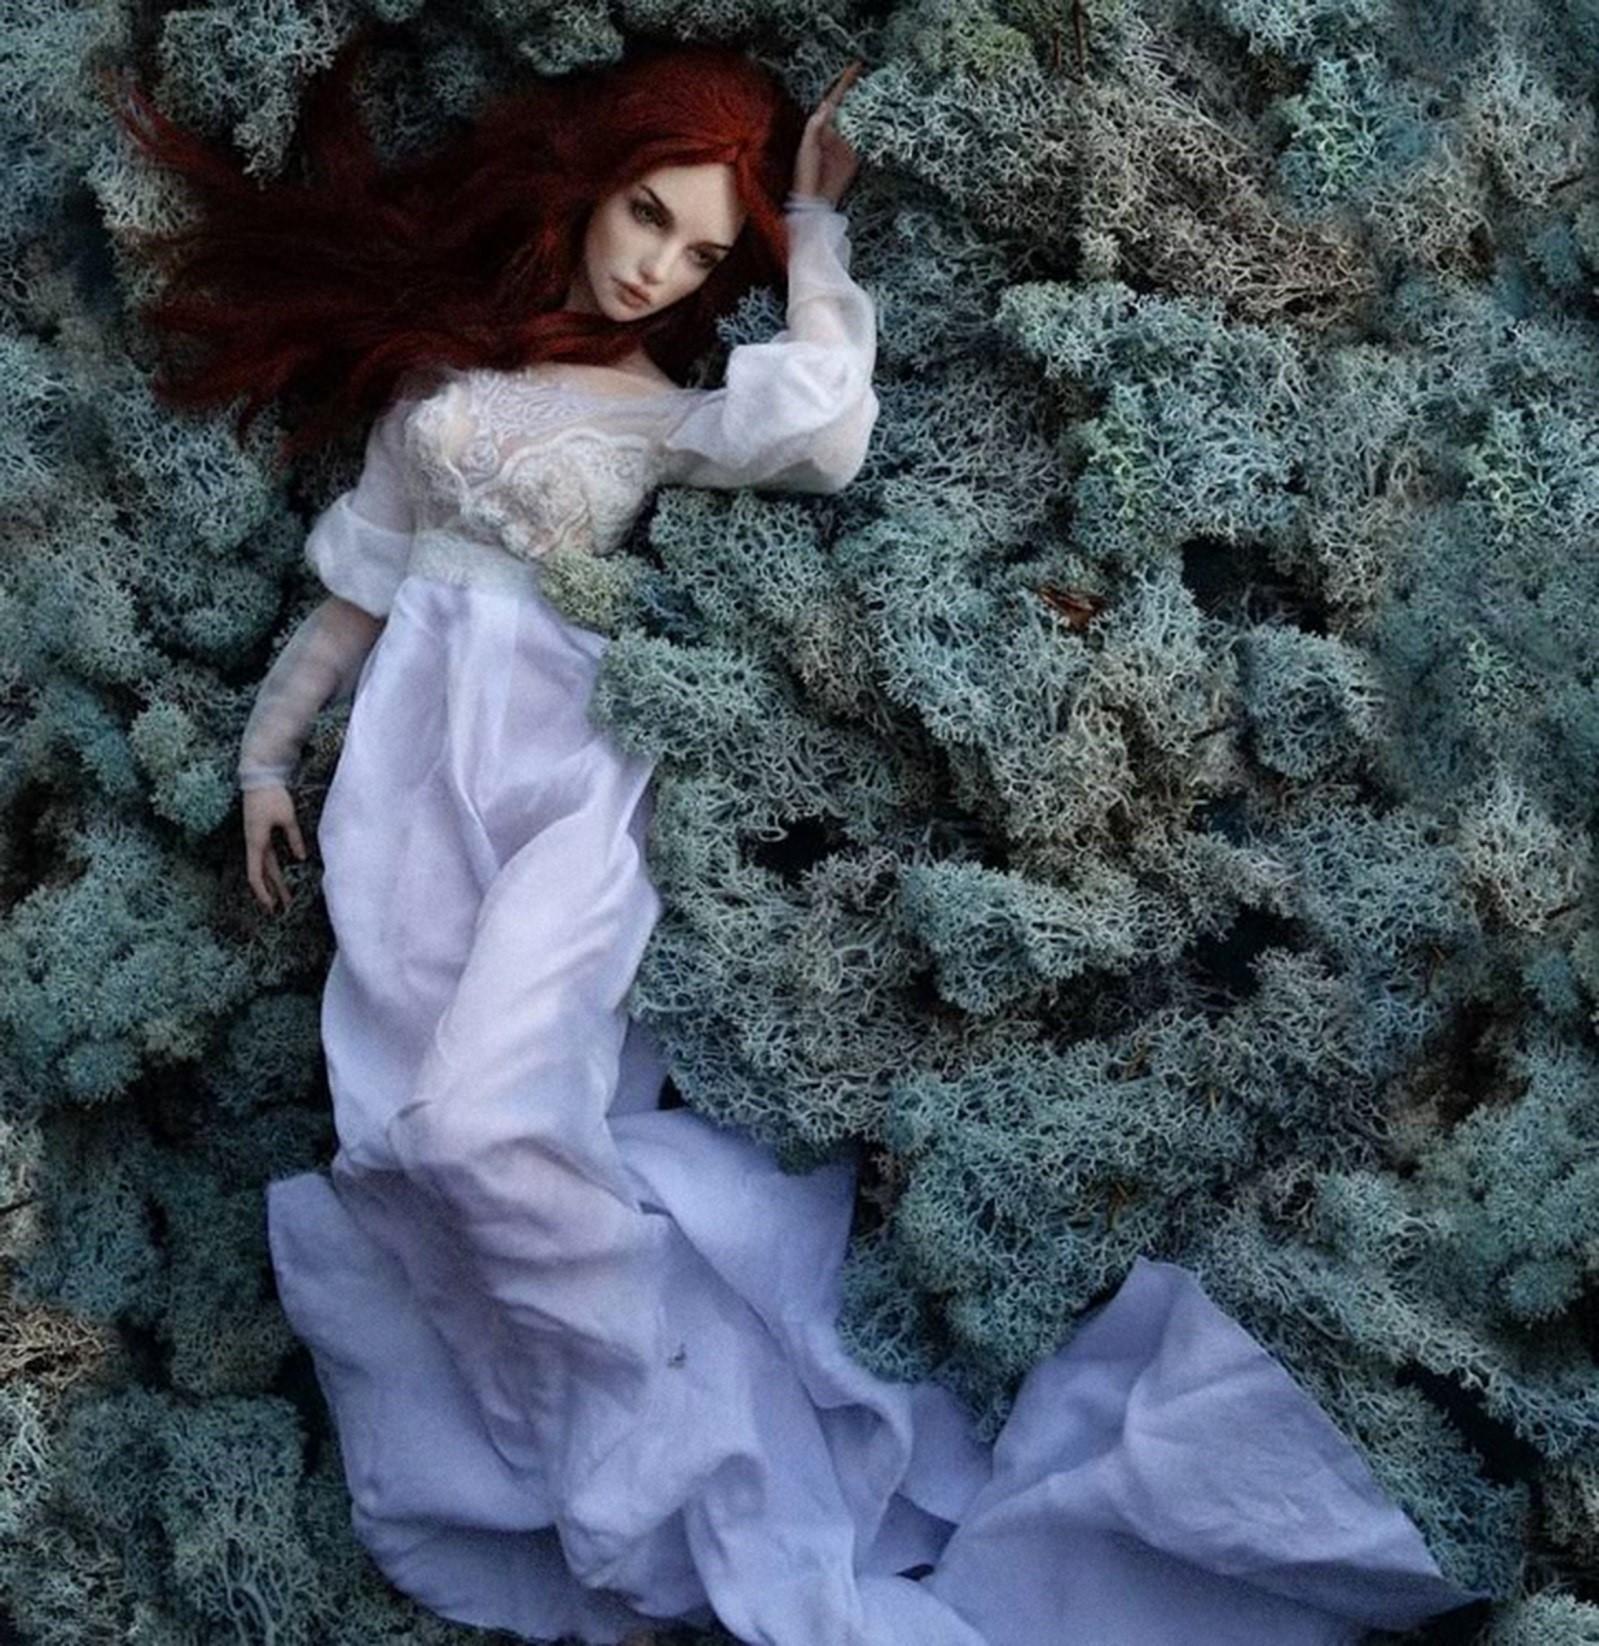 Куклы похожие на реальных людей: потрясающие работы украинской художницы